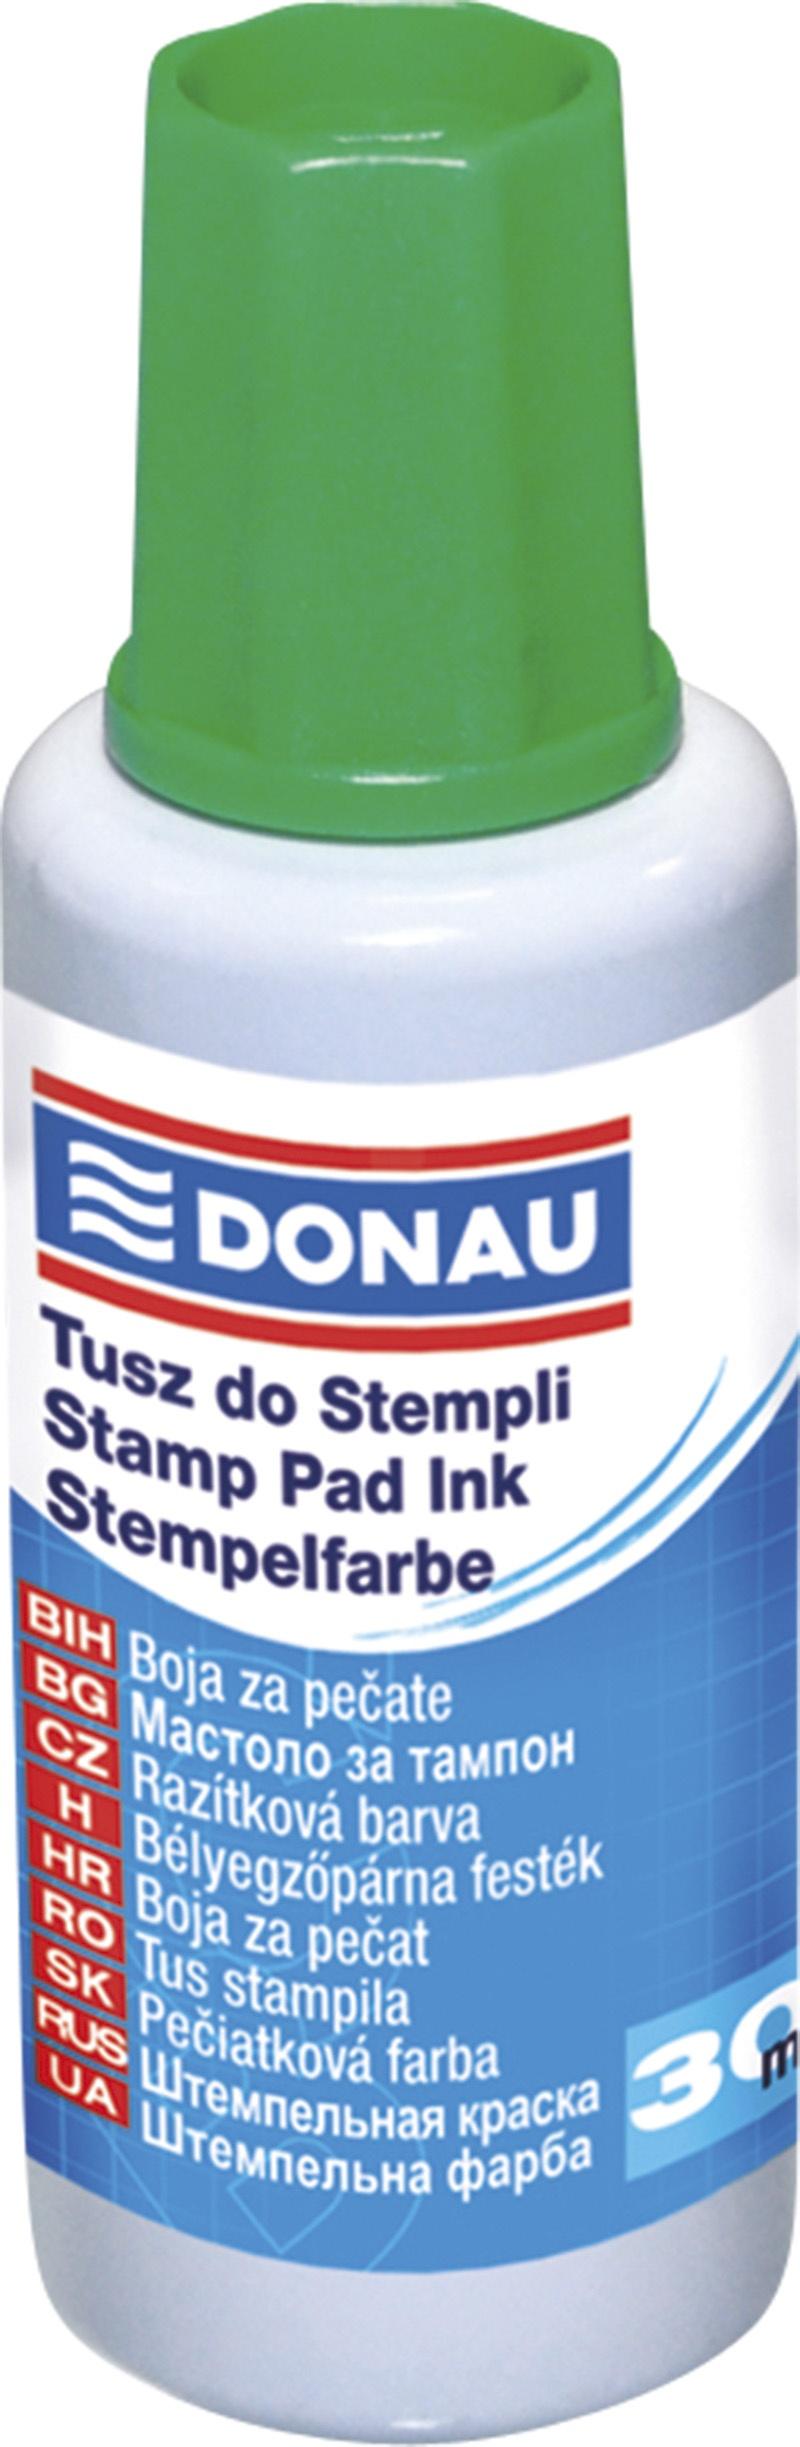 Tus stampile, 30ml, DONAU - verde